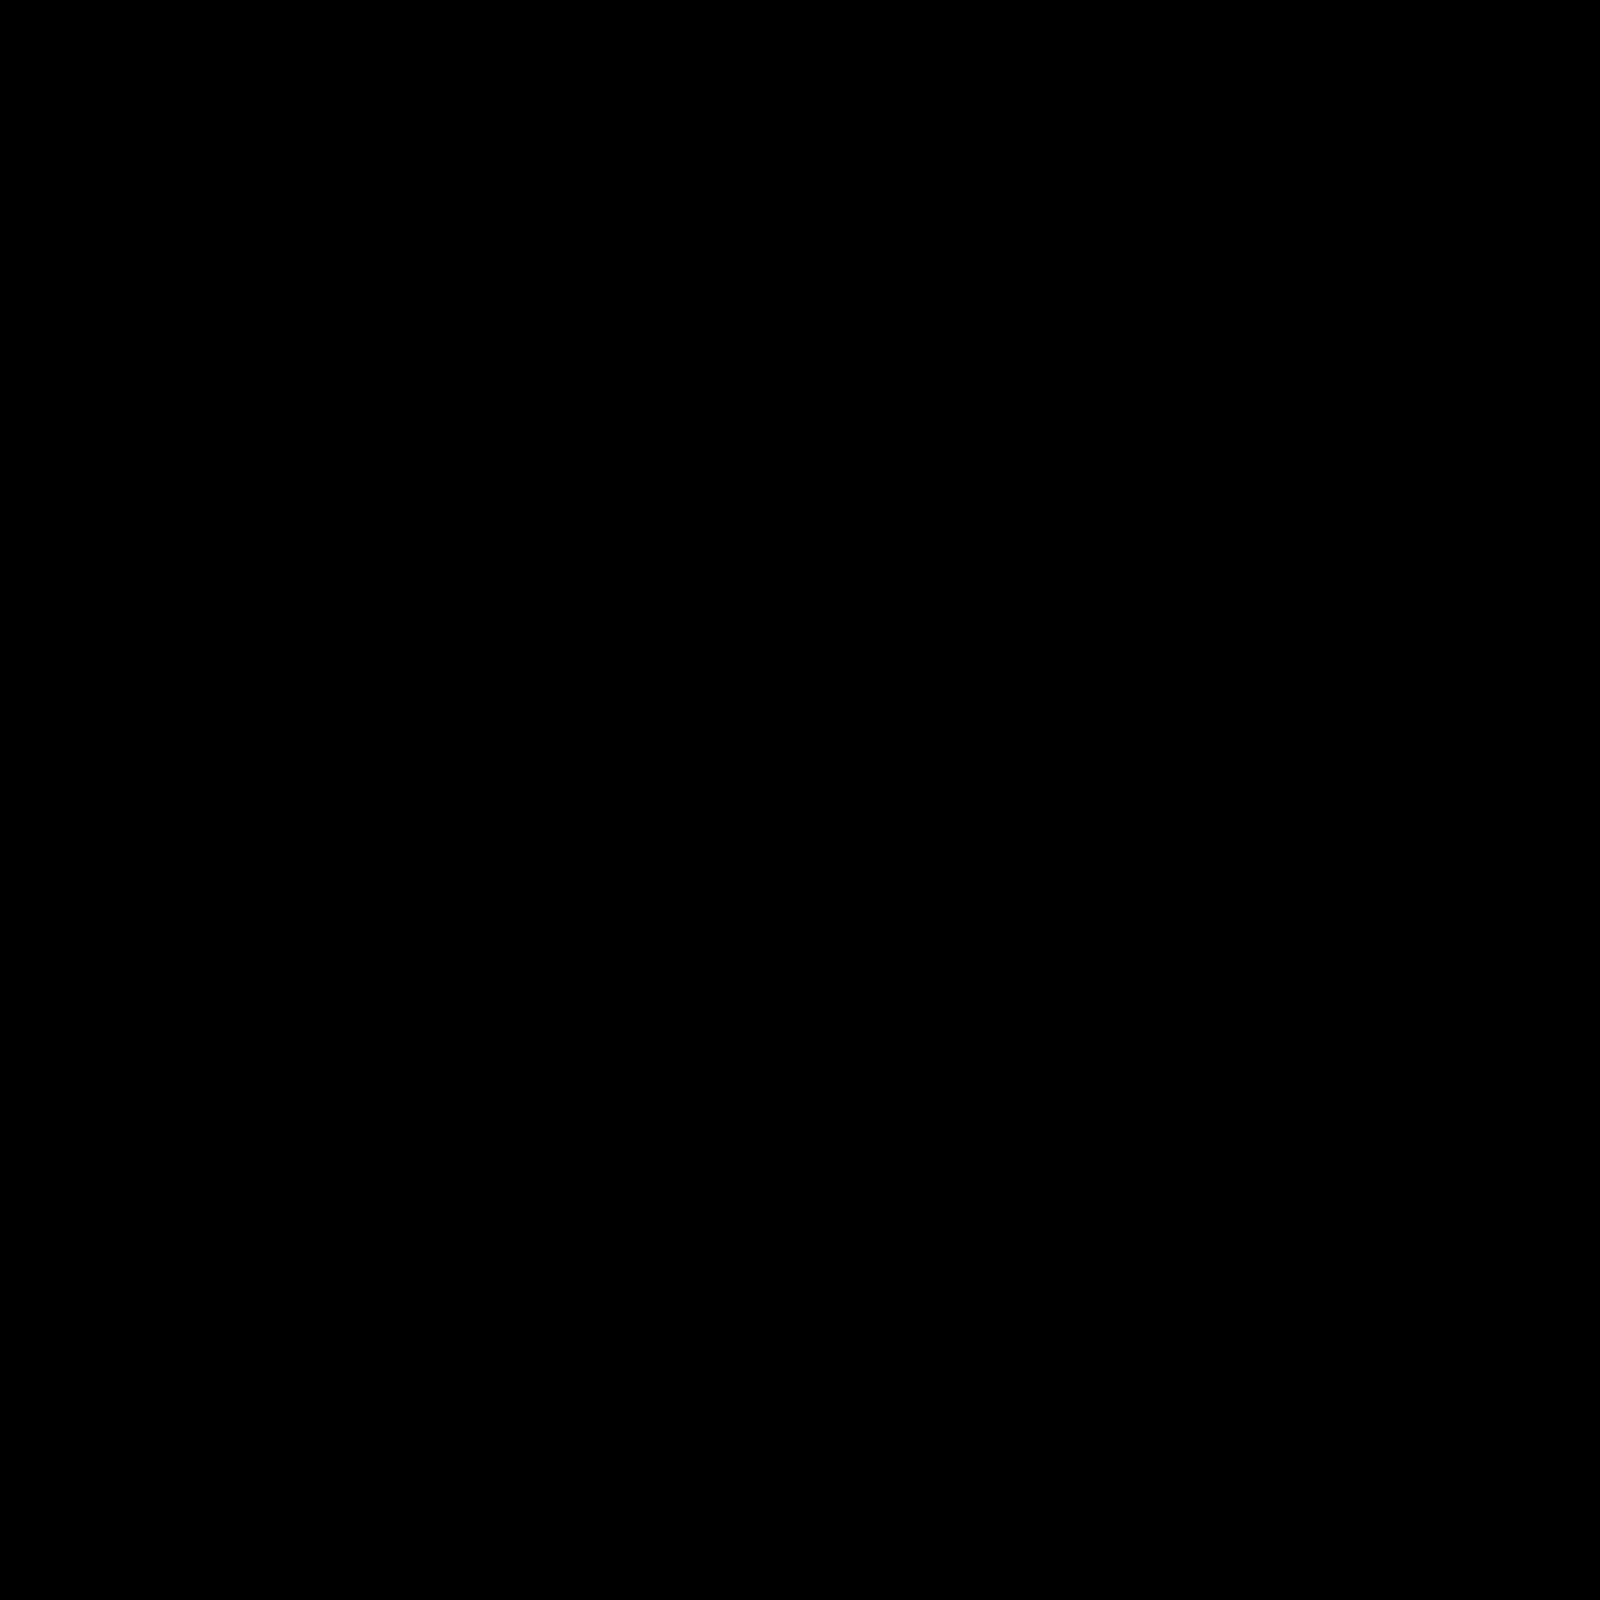 Prostokąt obrysowany icon